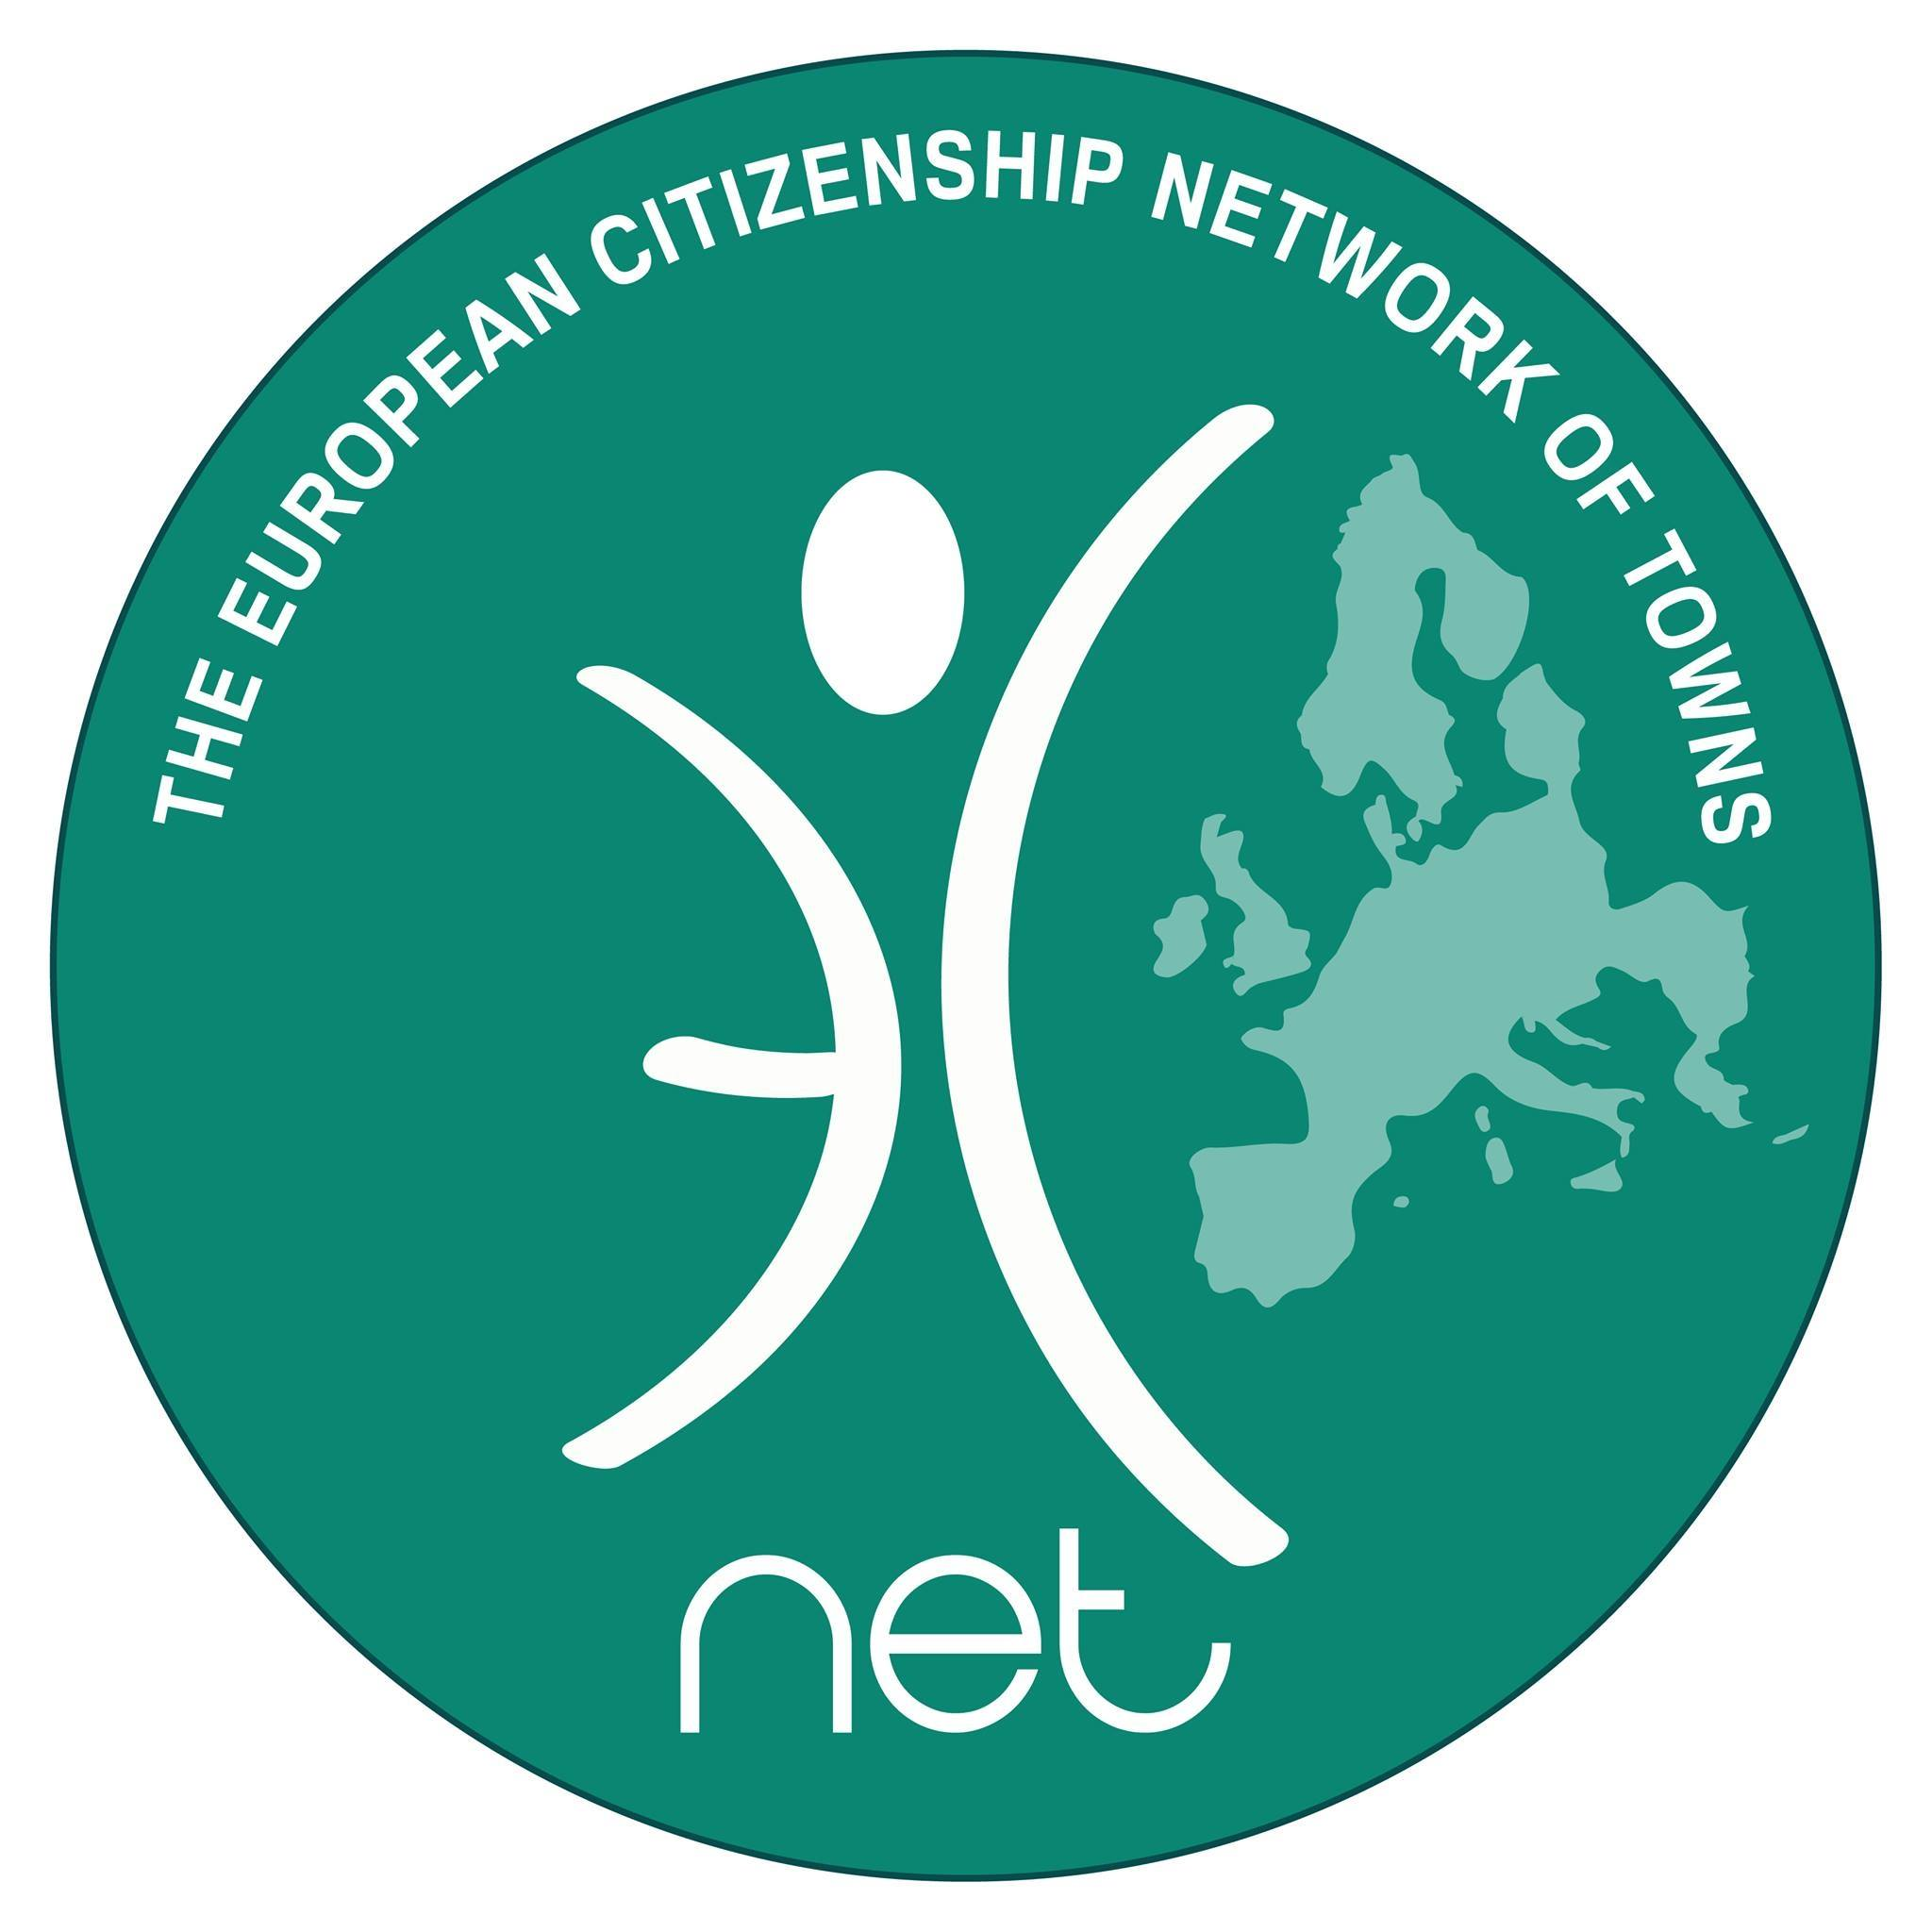 EC-NET